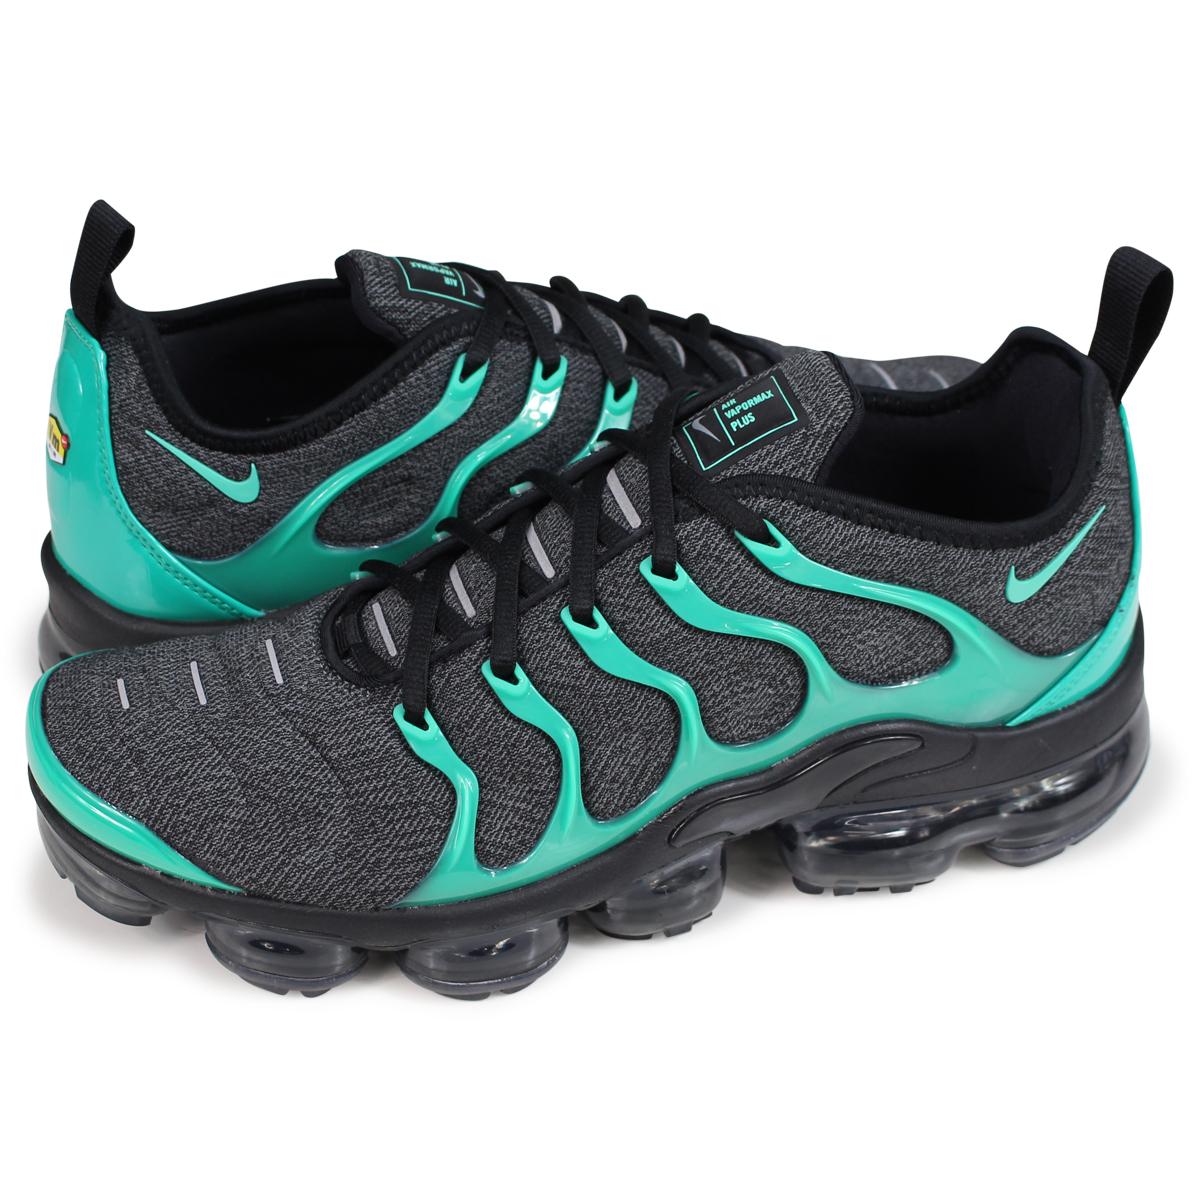 a2946492b4c Whats up Sports  NIKE AIR VAPORMAX PLUS Nike air vapor max plus ...